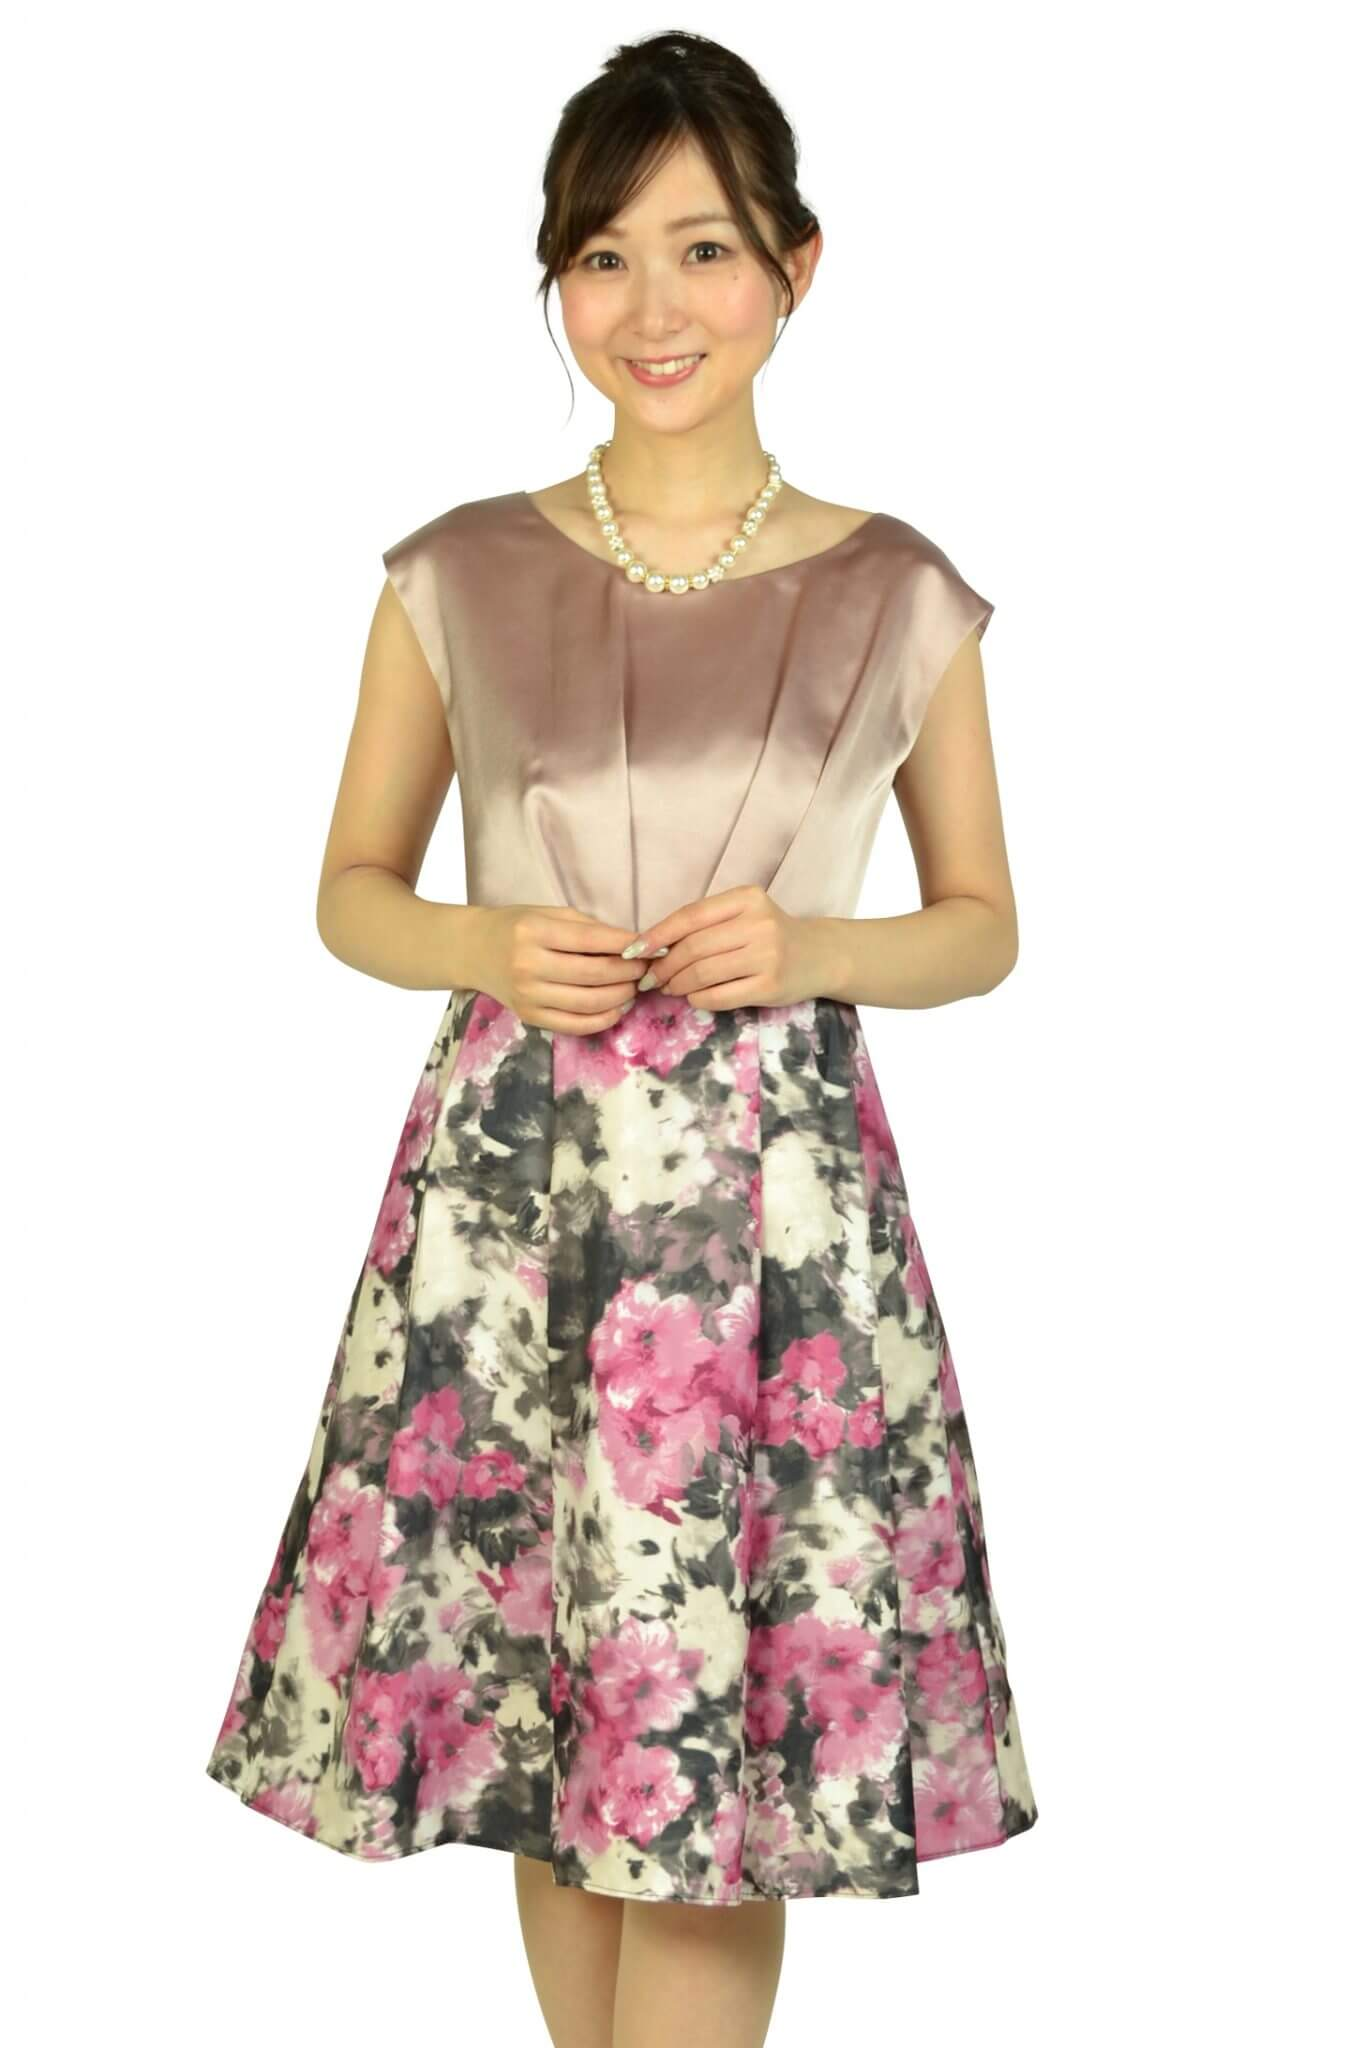 アグレアーブル(Agreable) 編上げフラワープリントピンクドレス